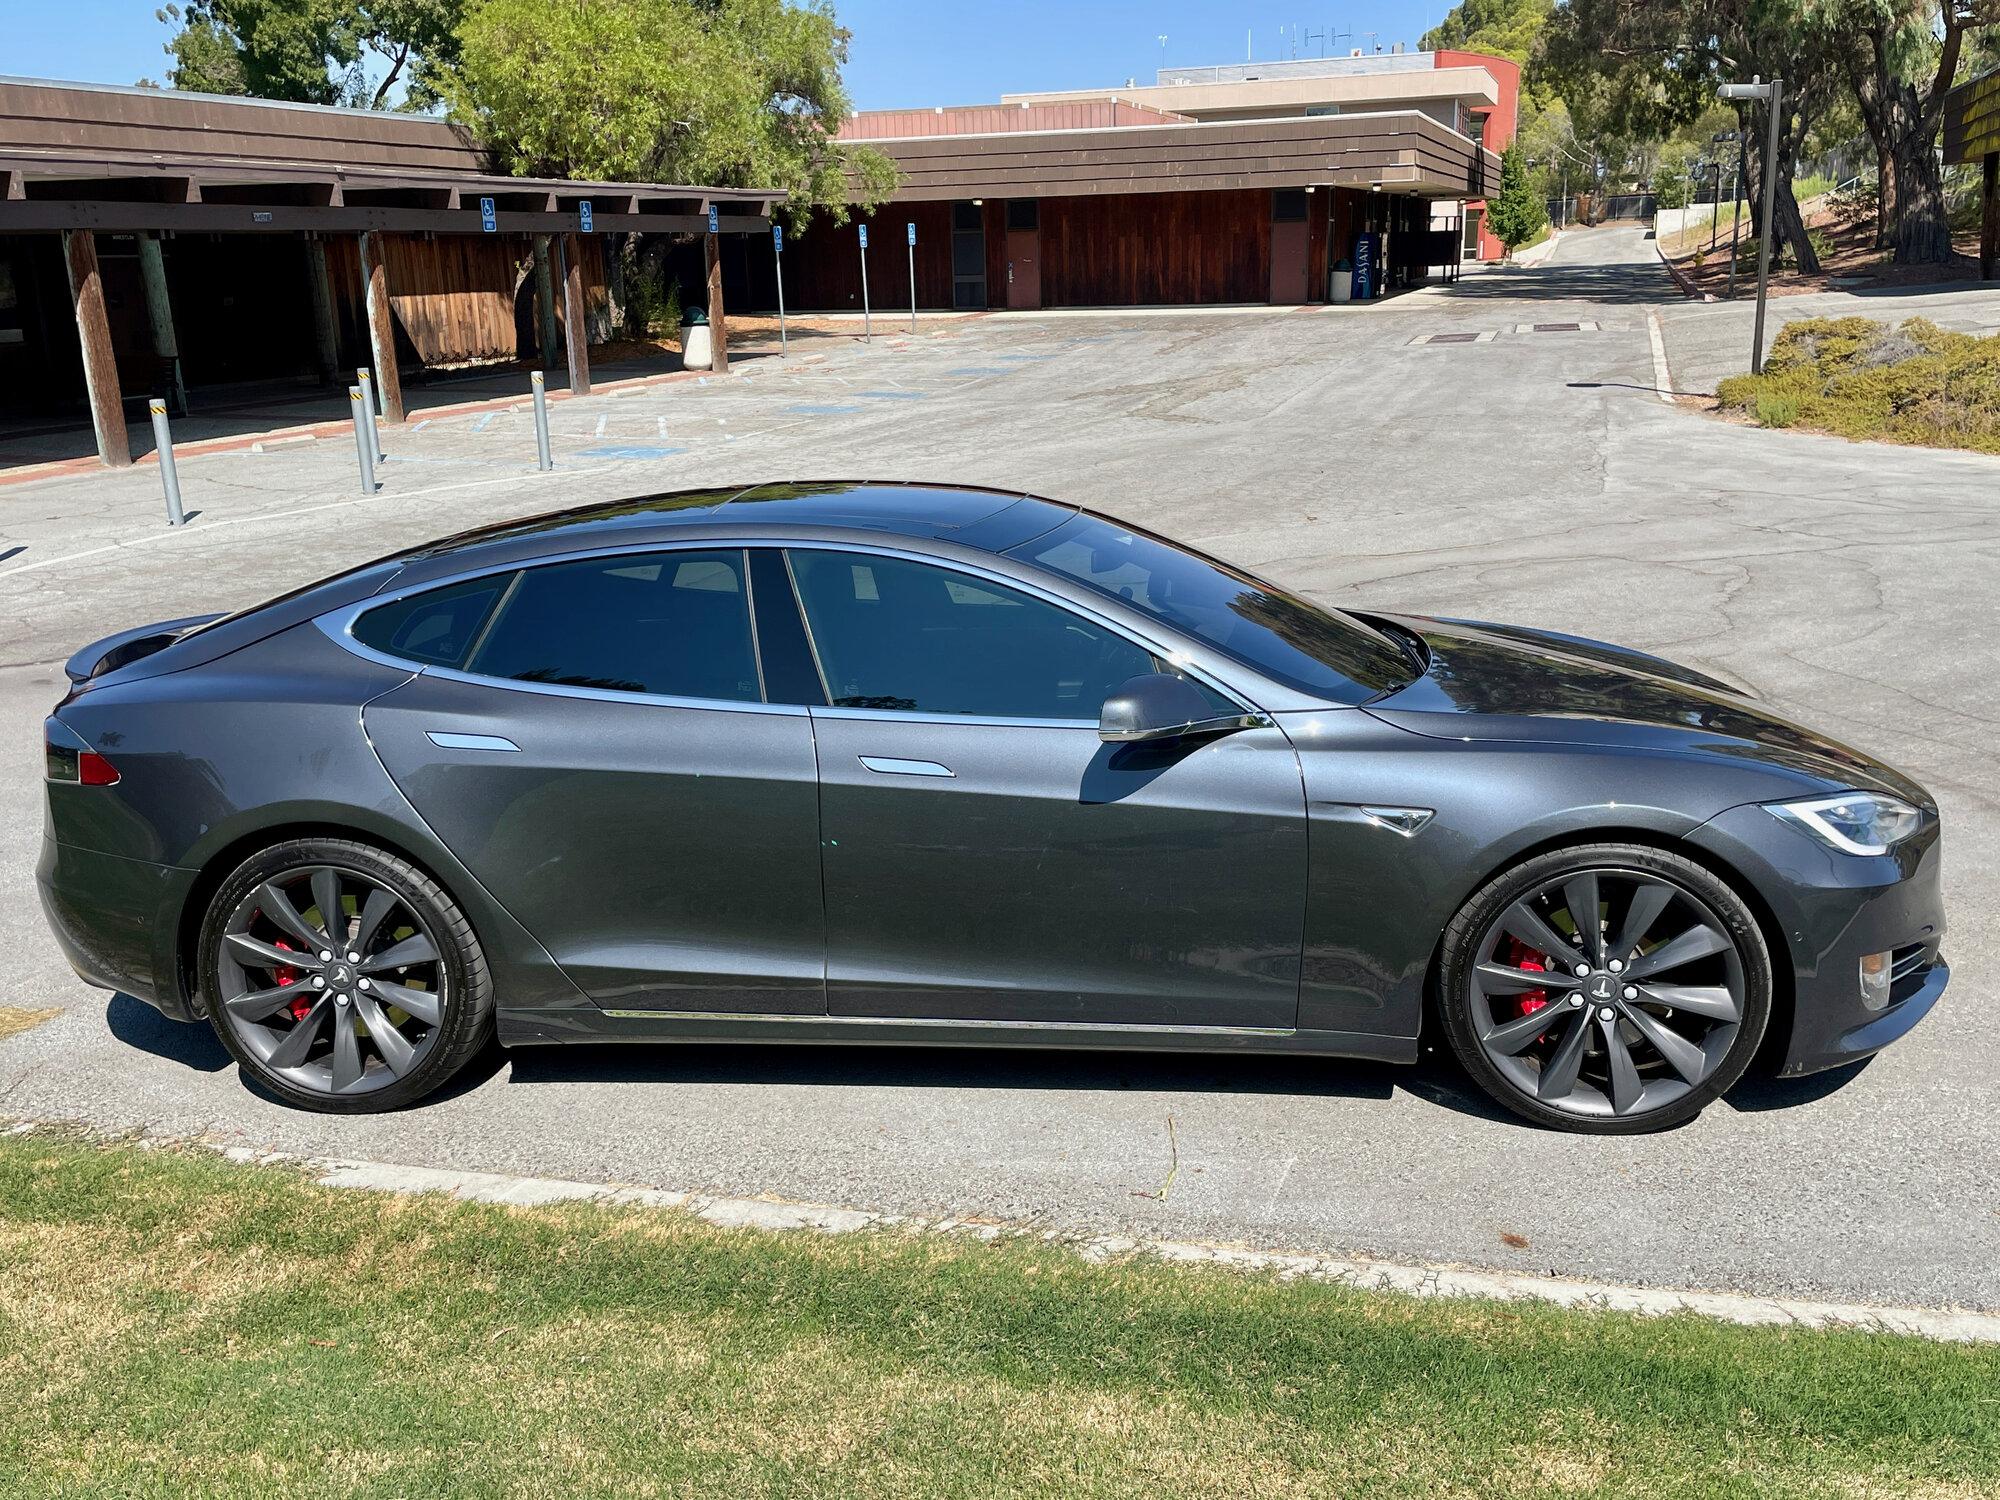 TeslaModelS-P90DL- - exterior5-42.jpeg